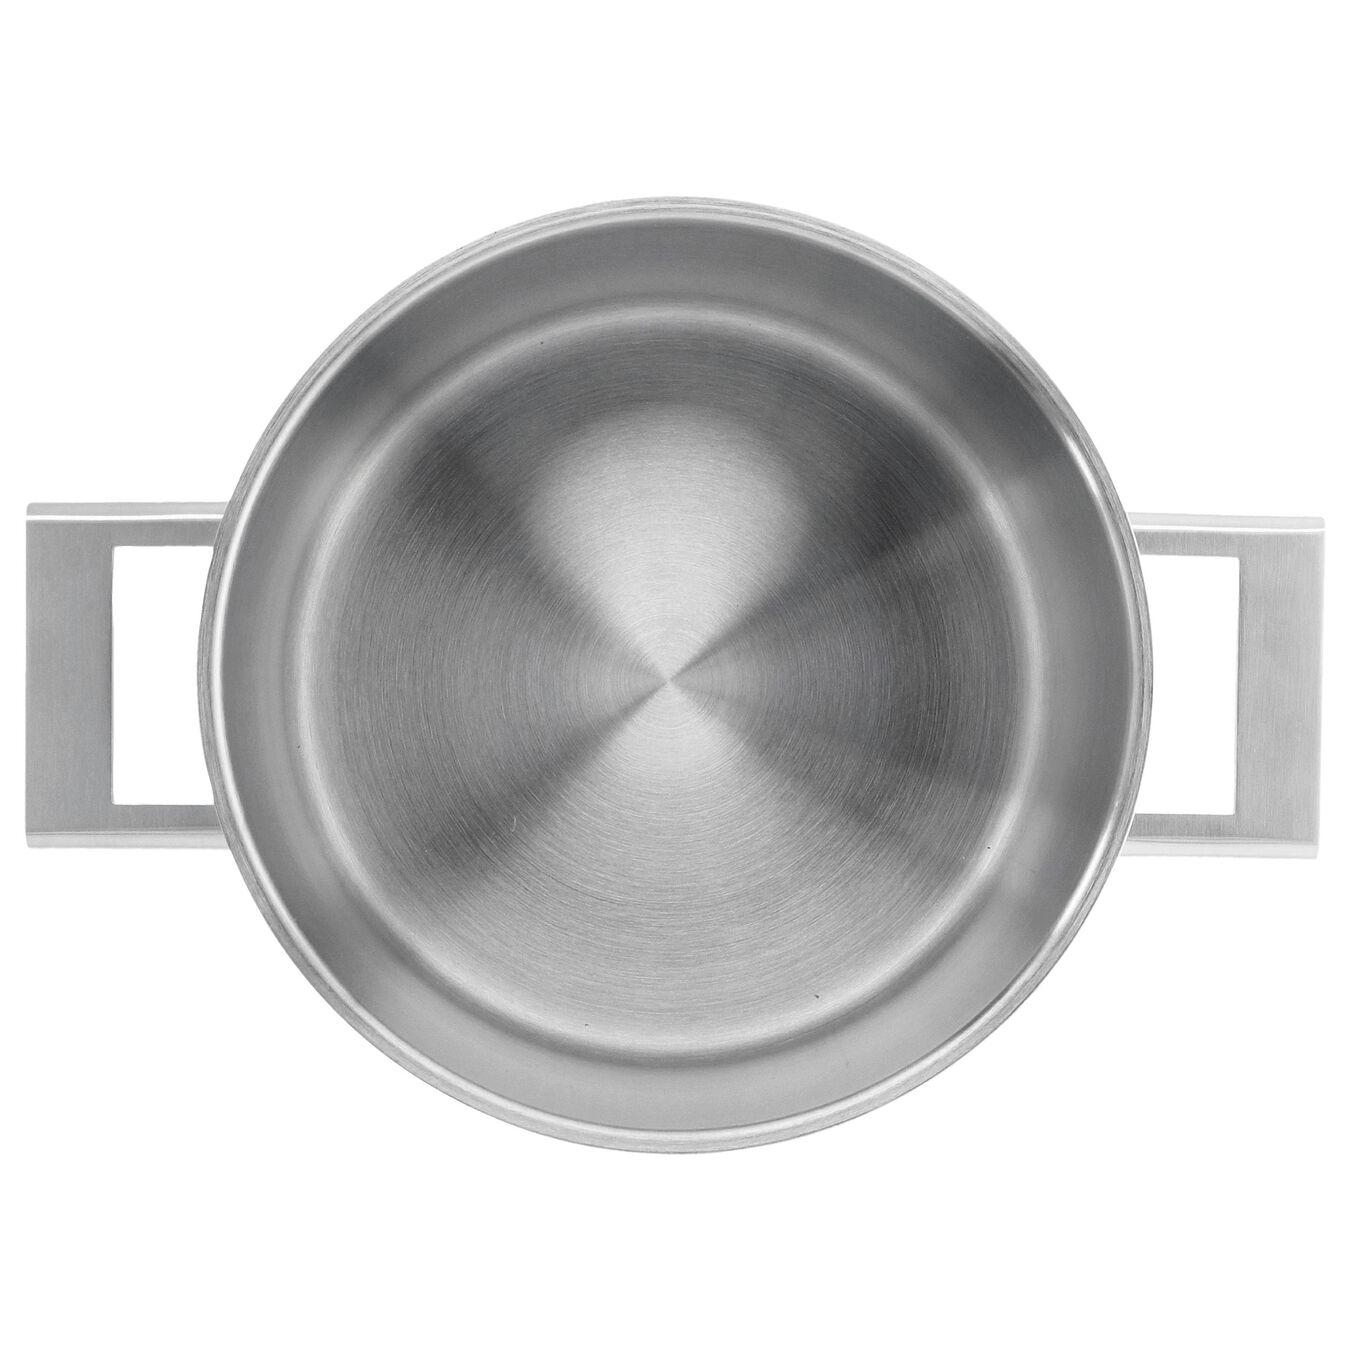 Derin Tencere çift çıdarlı kapak   18/10 Paslanmaz Çelik   20 cm,,large 4